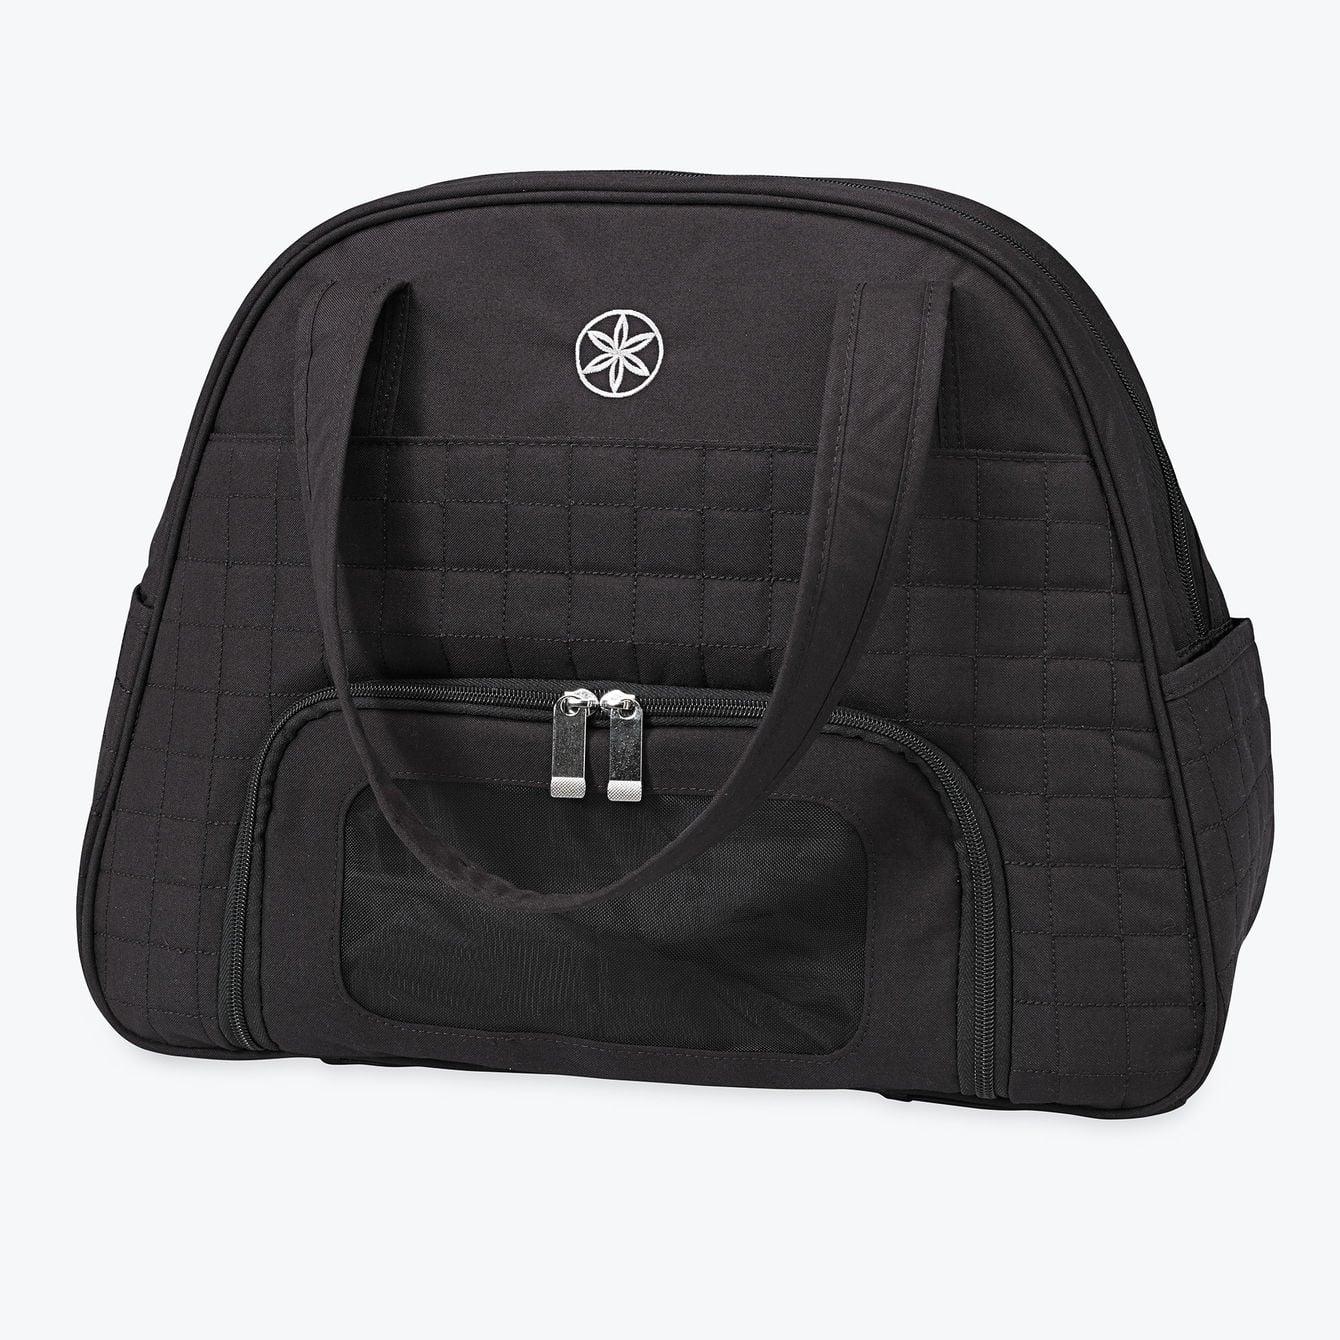 Gaiam Everything Fits Gym Bag